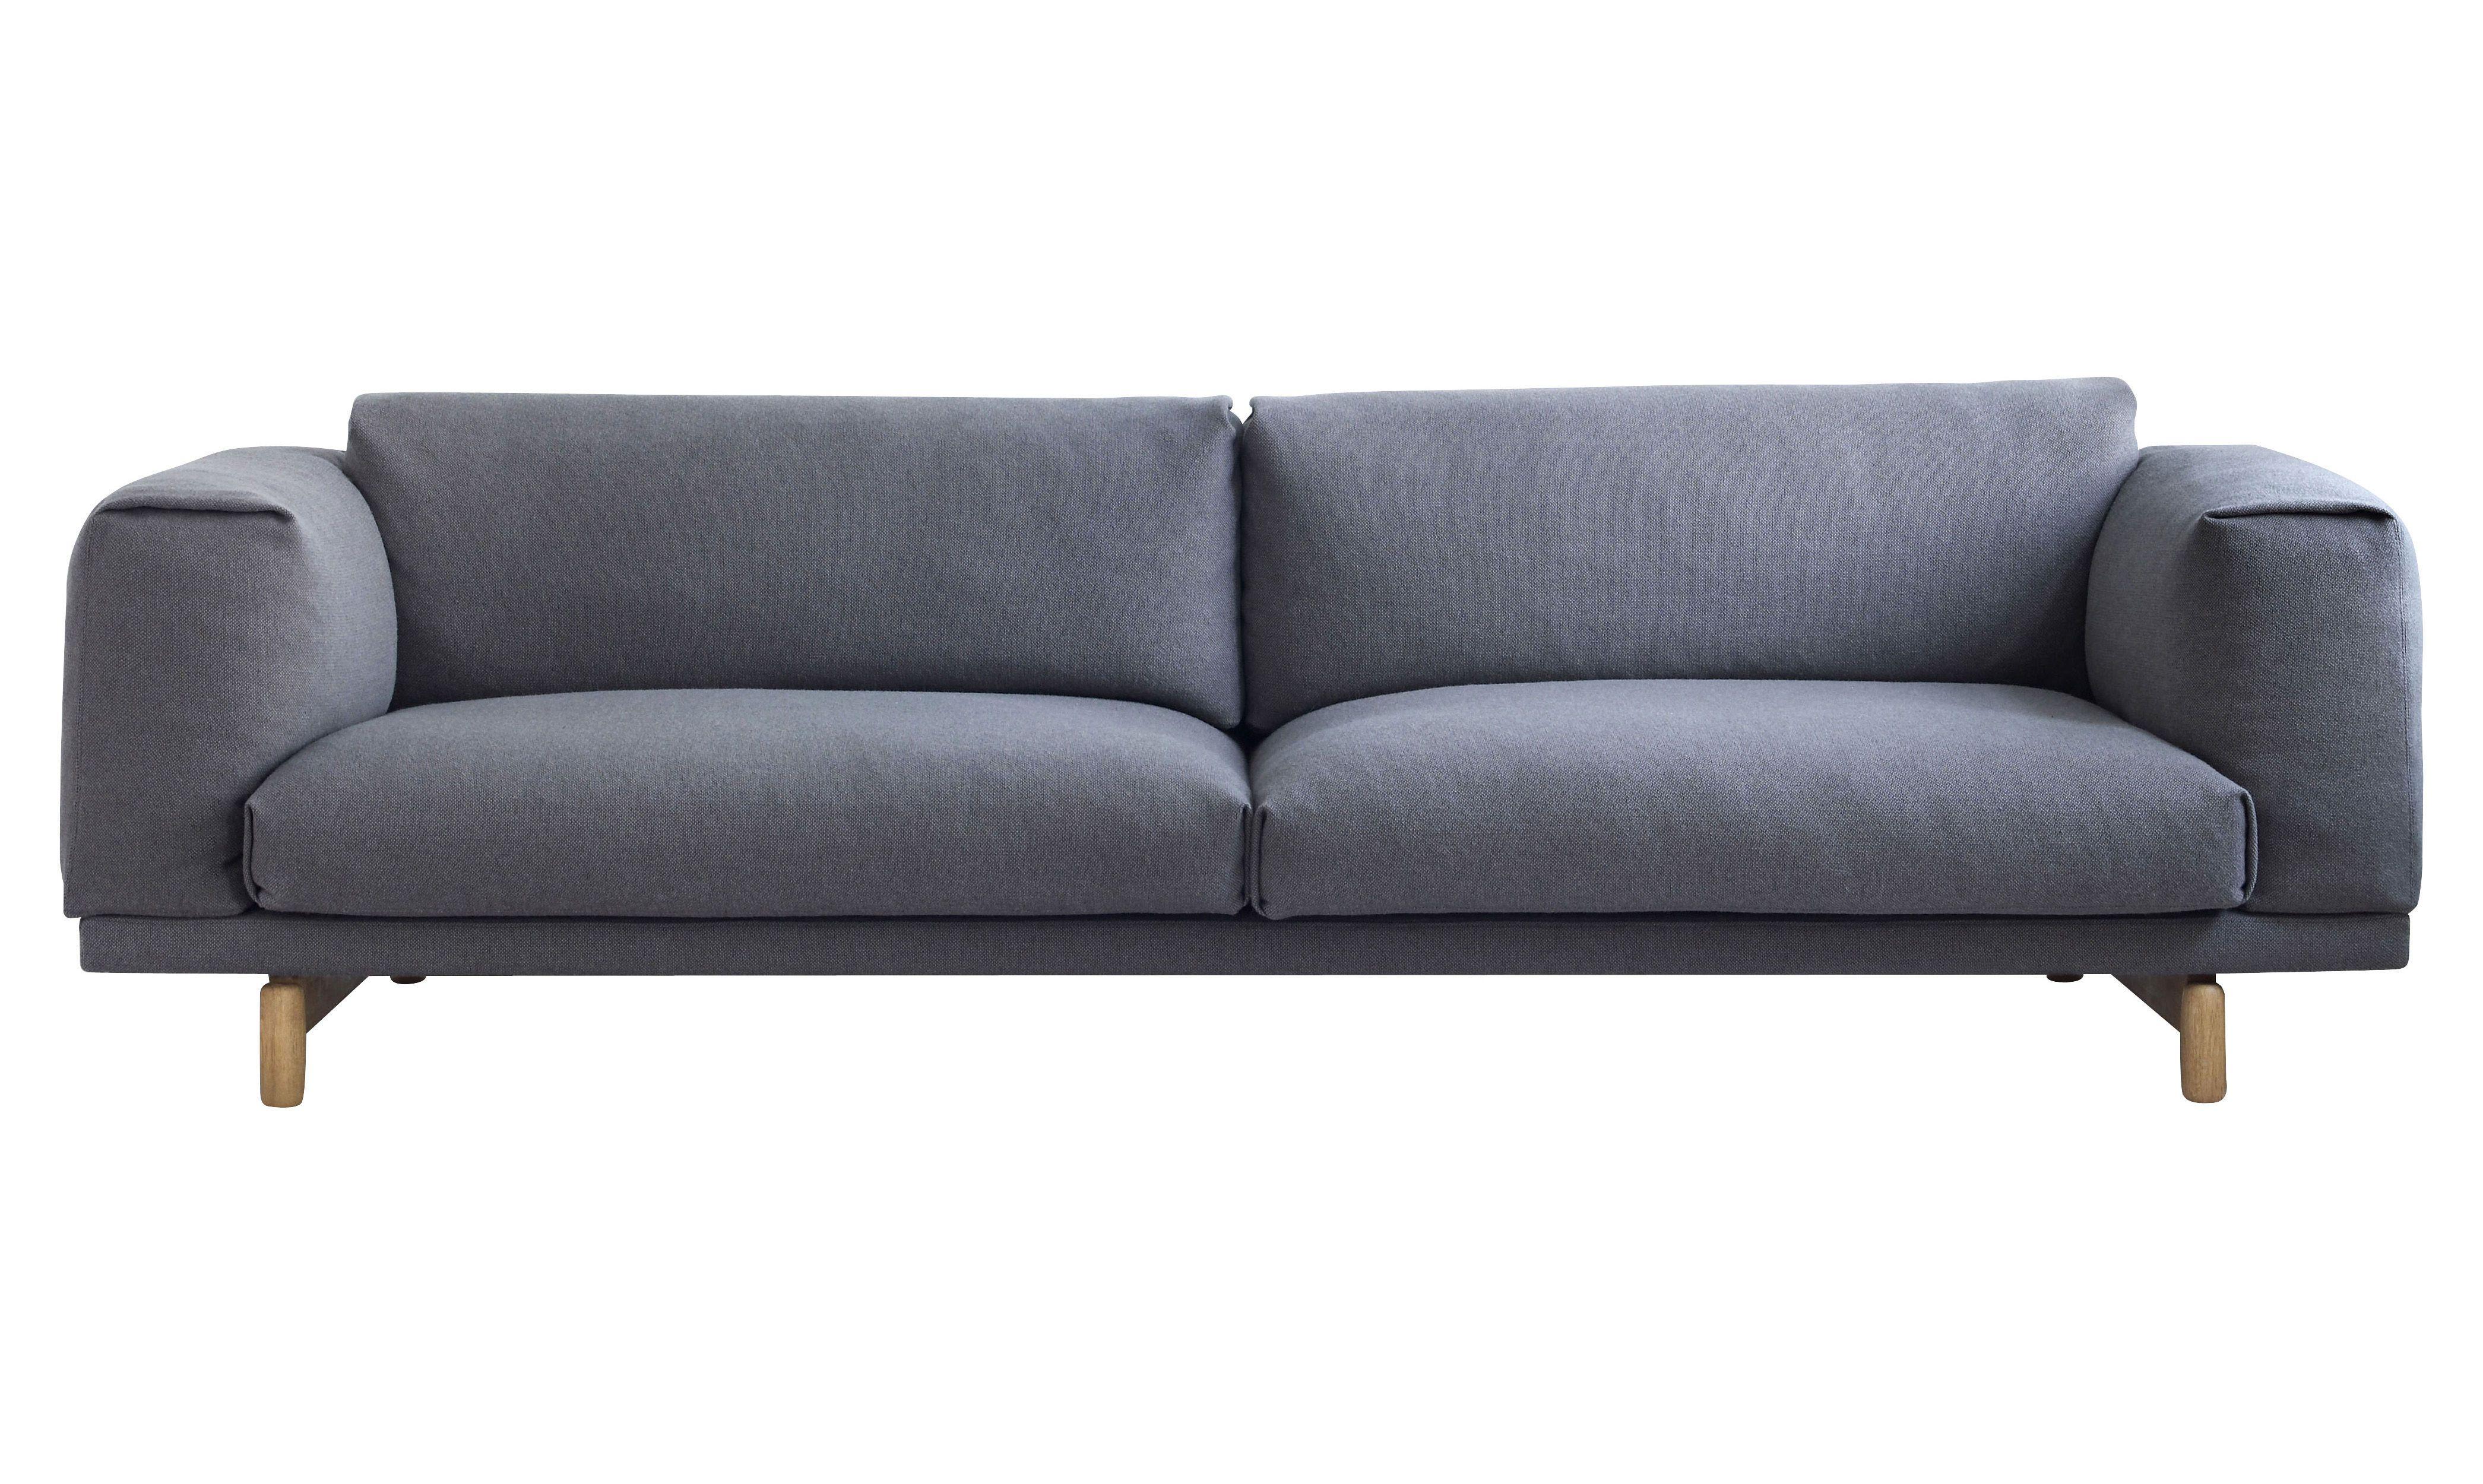 Canapé Rest / 3 places - L 260 cm Gris - Tissu Hallingdal - Muuto